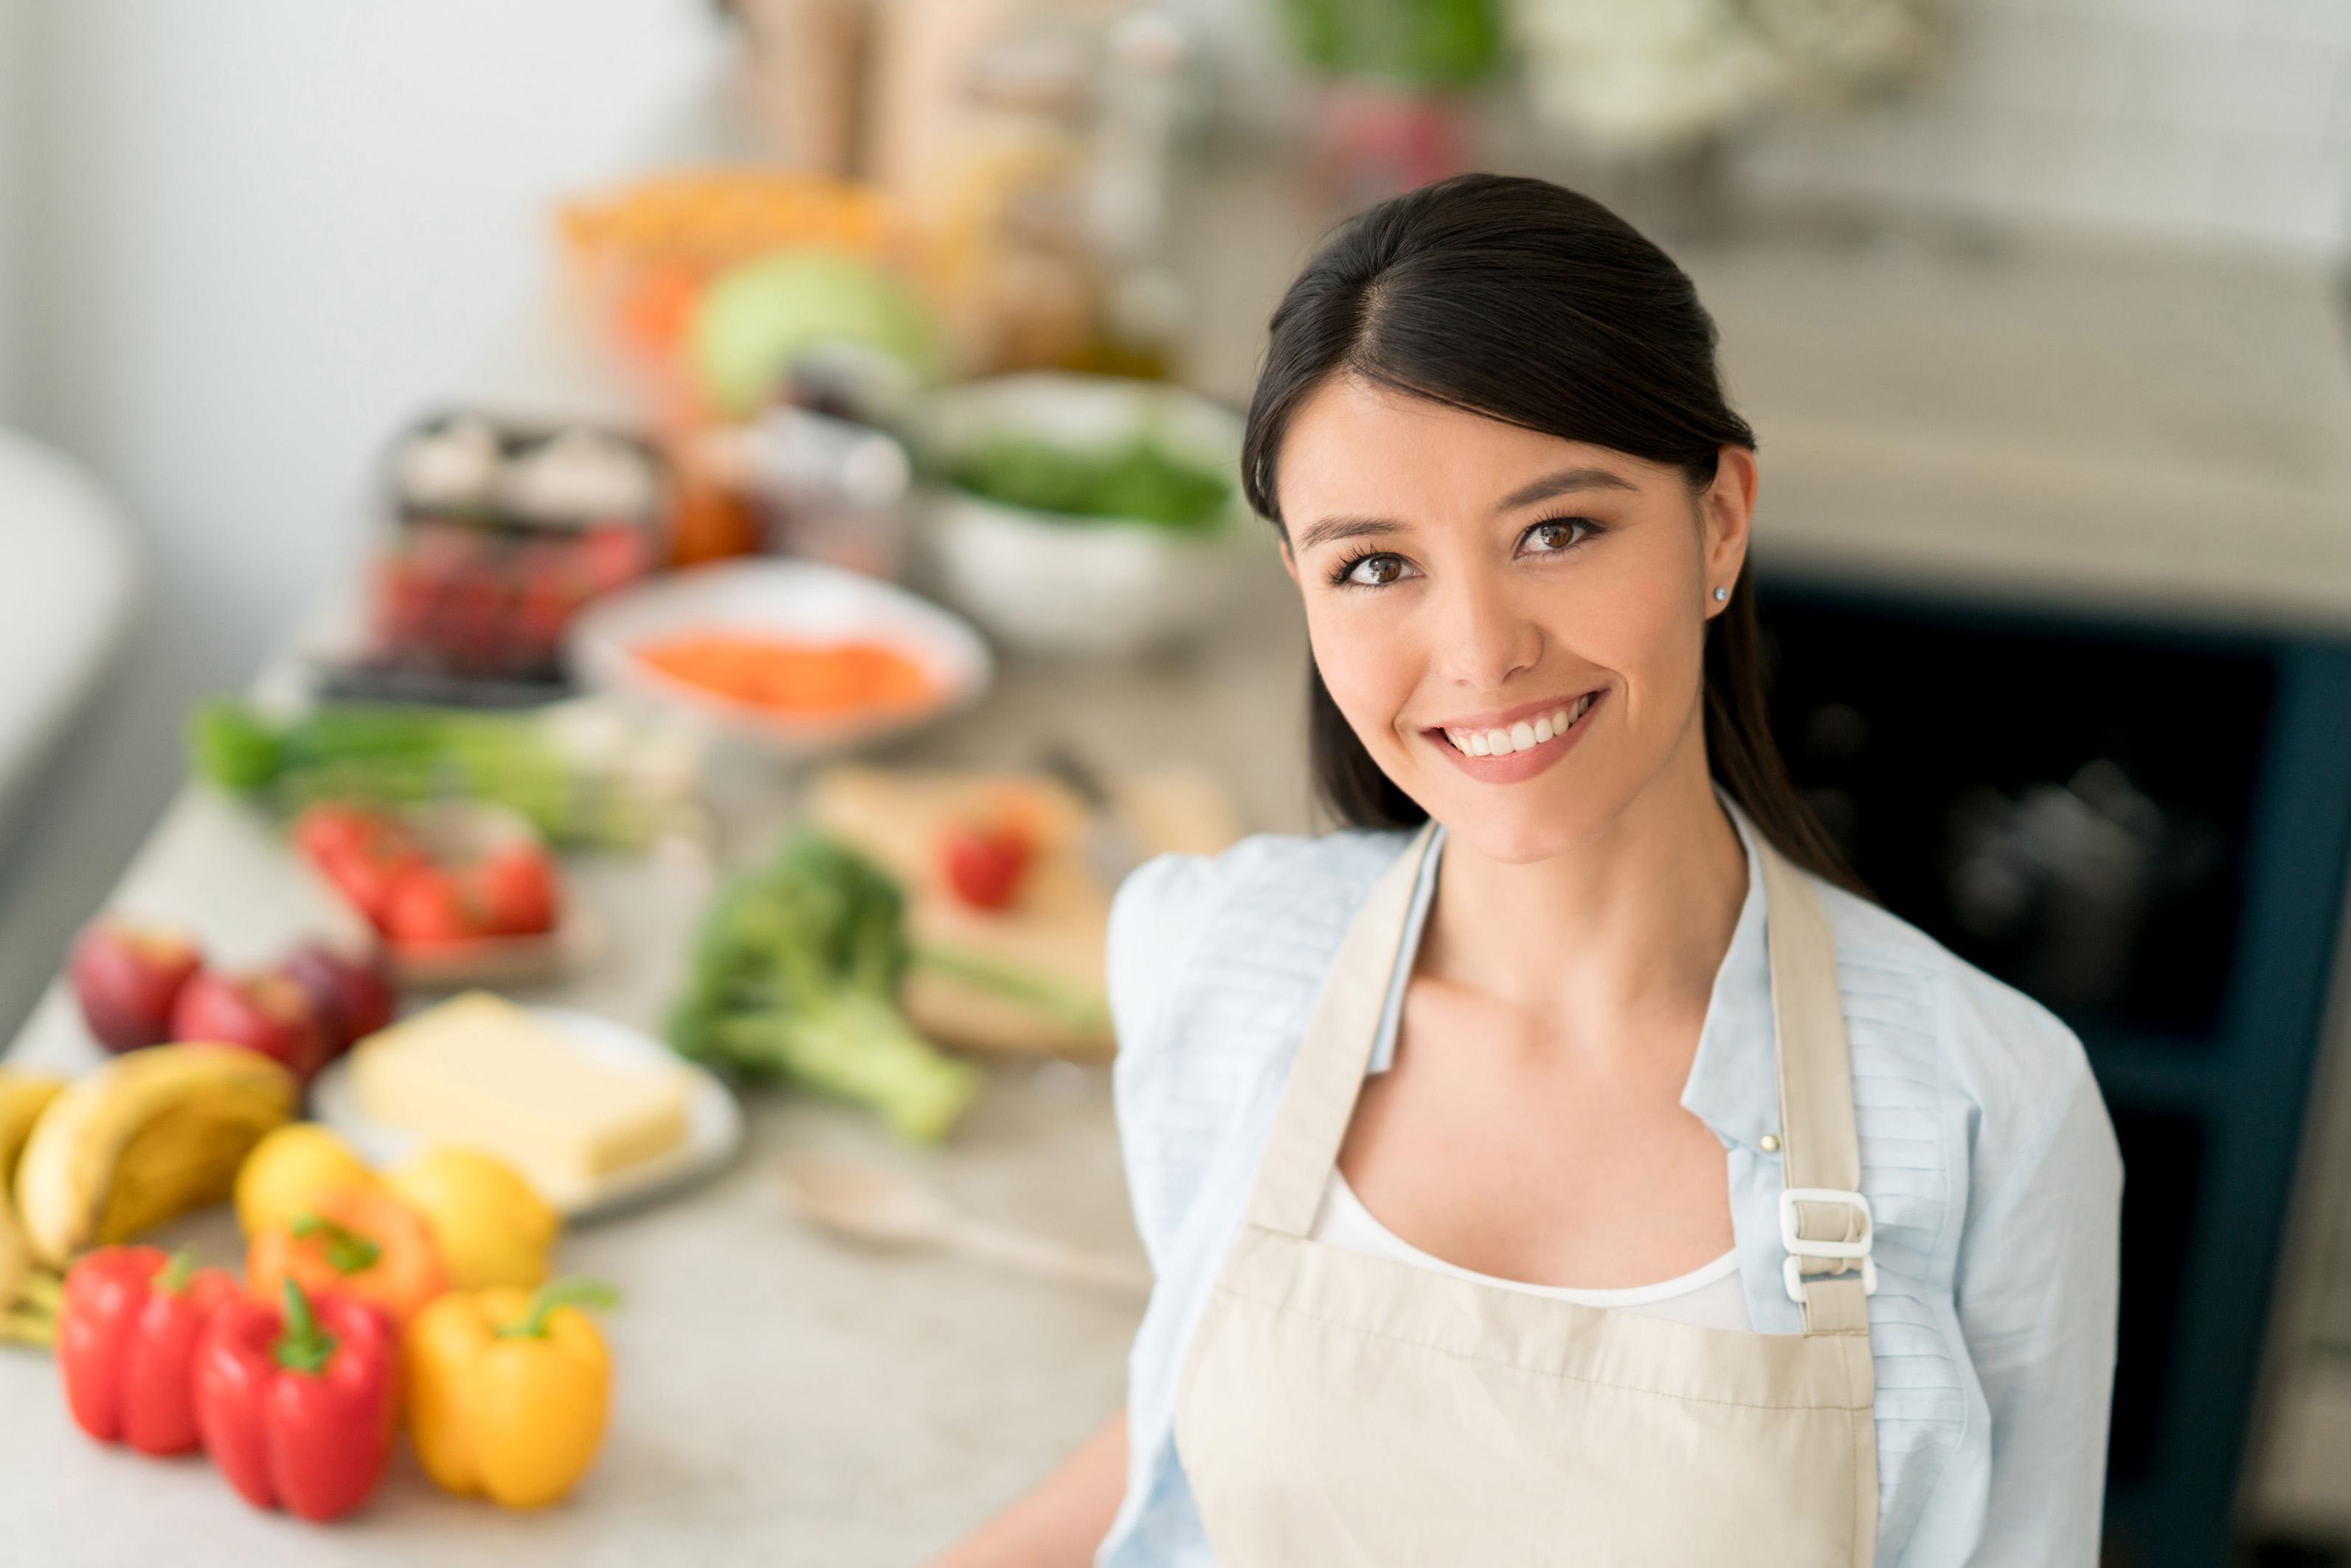 Los nutrientes necesarios en cada etapa de la vida